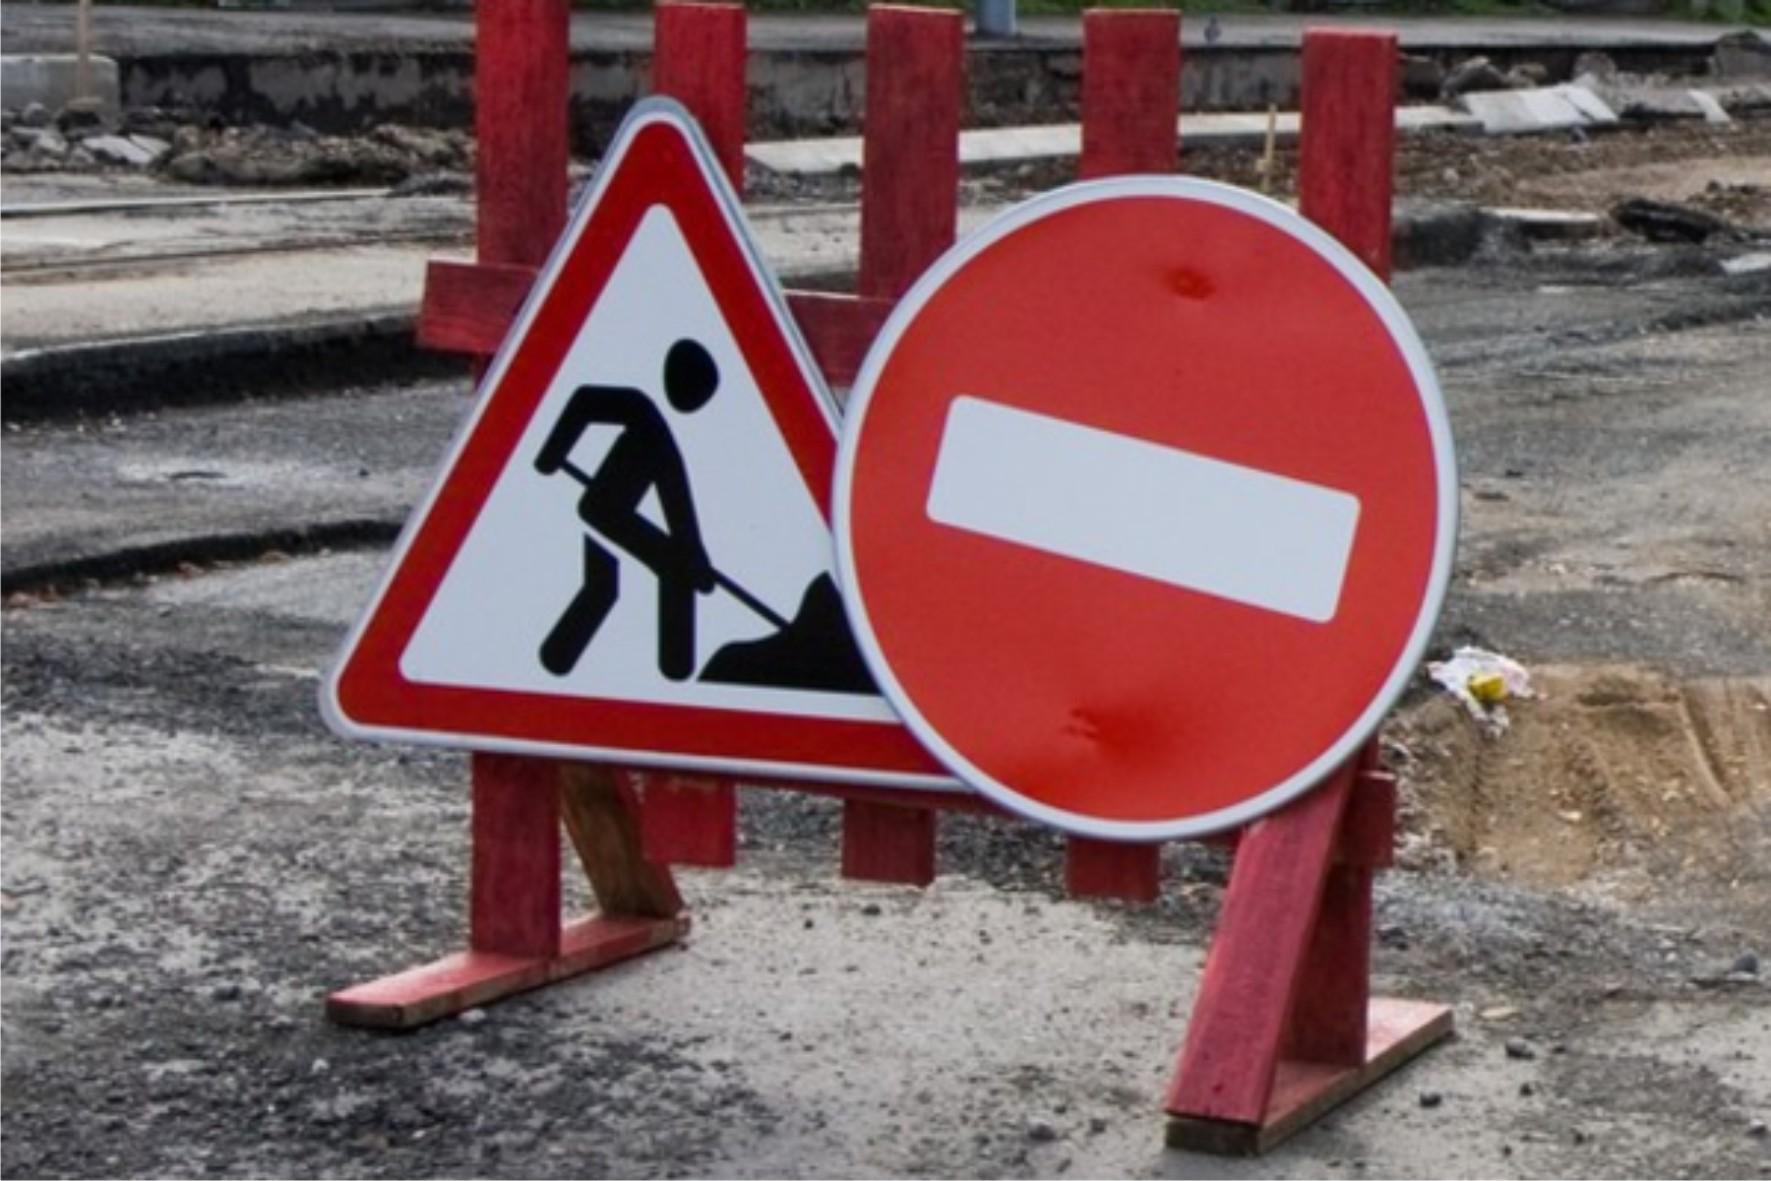 Названы сроки закрытия Архитектурной улицы вНижнем Новгороде